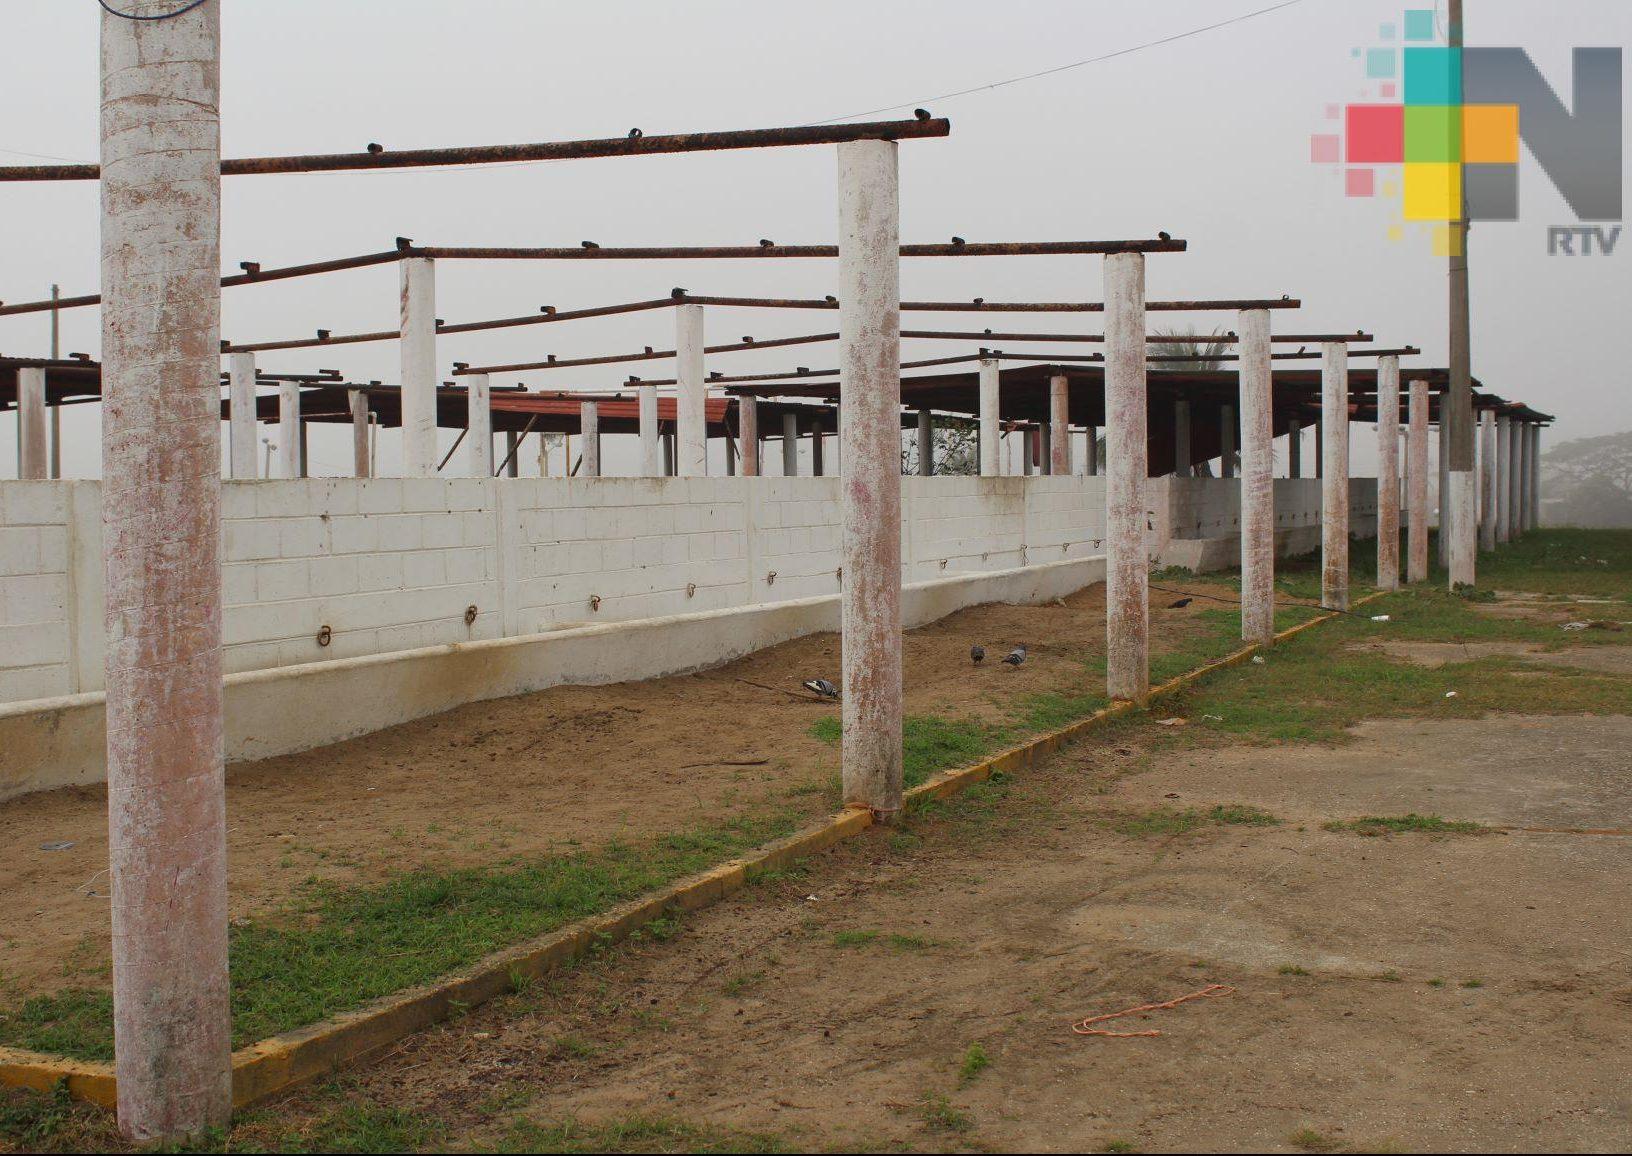 Reportan abandono en instalaciones de Expo Feria Coatzacoalcos